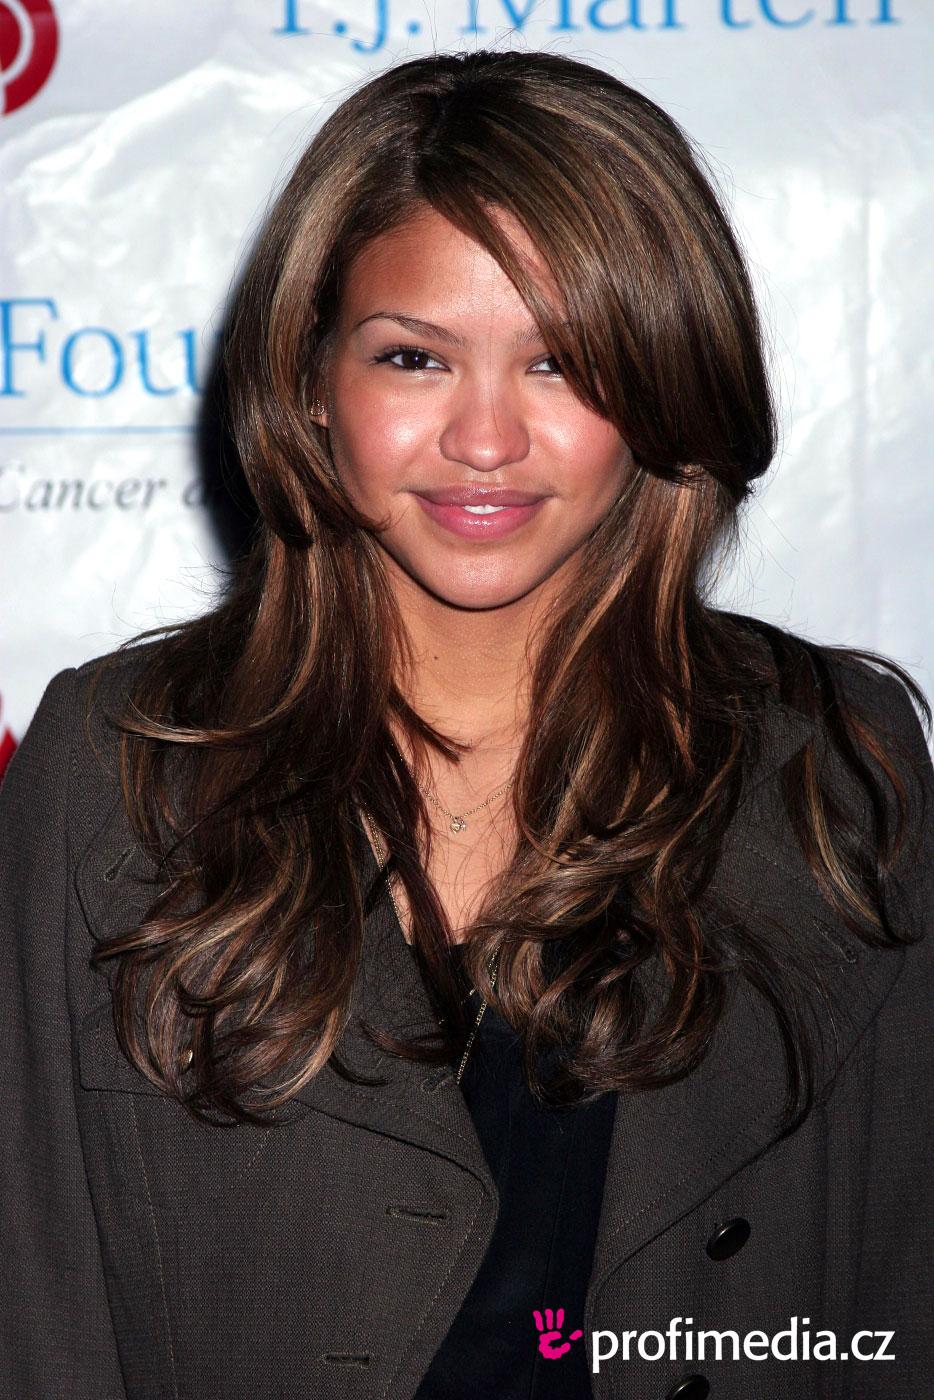 Cassie Ventura Hairstyle Easyhairstyler